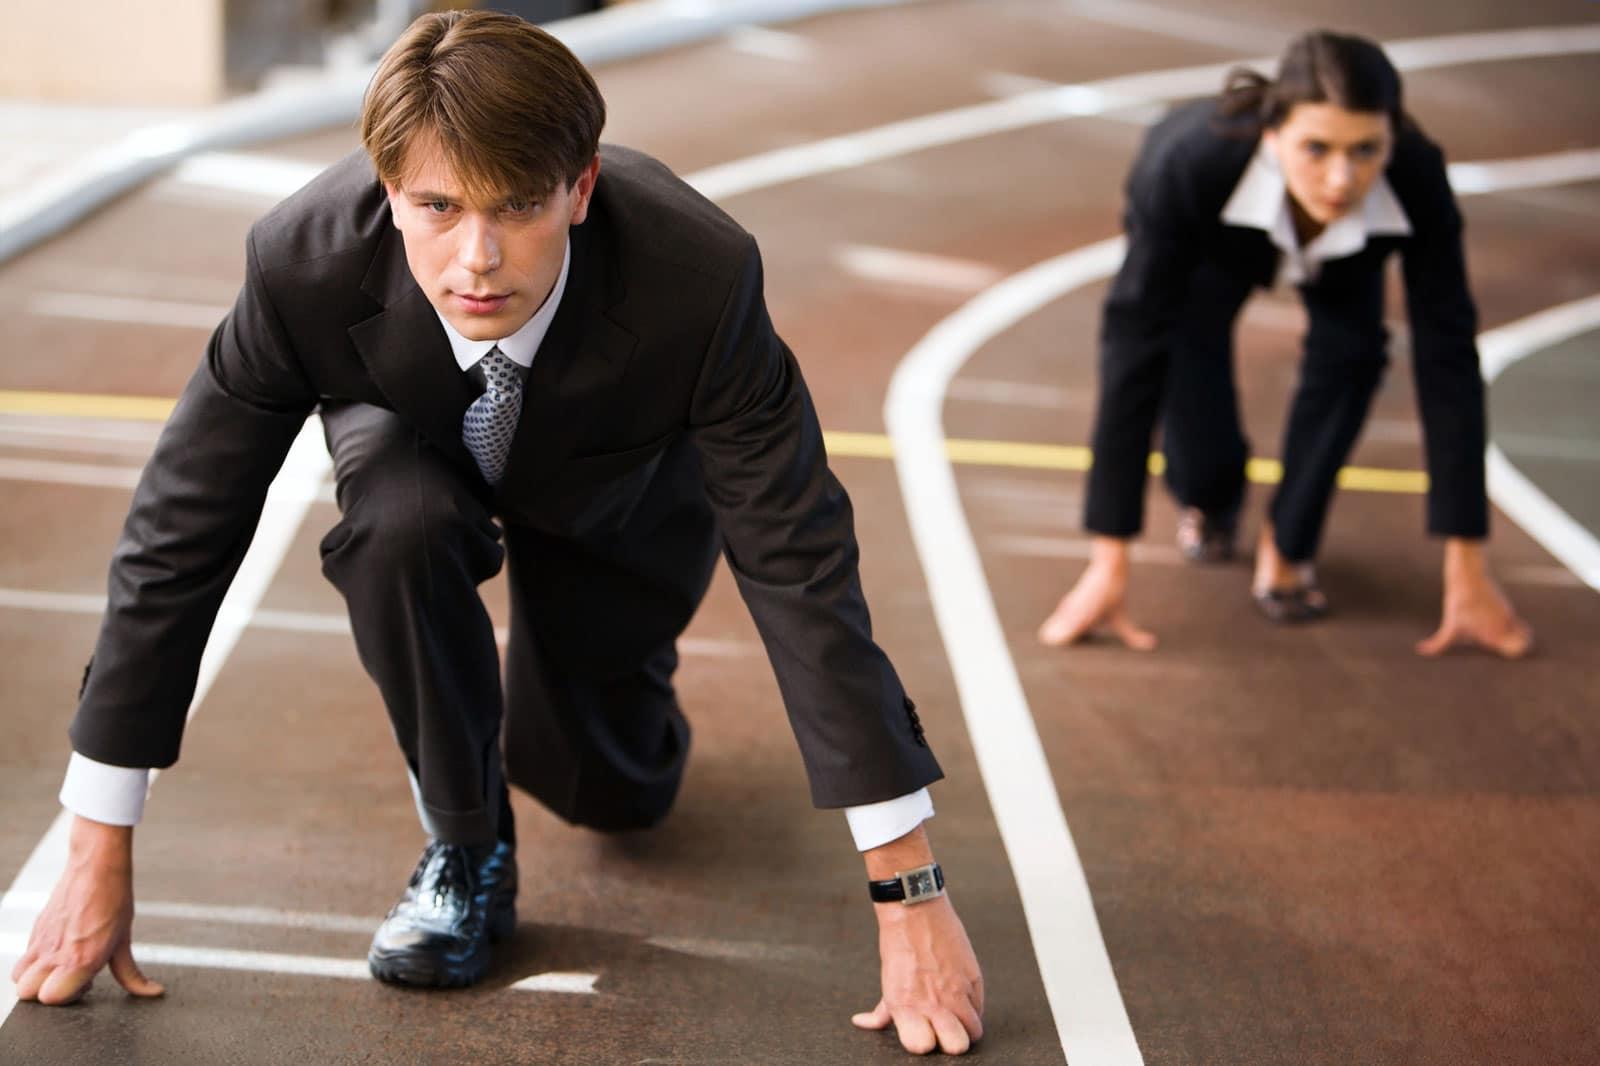 Mitarbeiterführung: Motivieren Sie individuell mit dem SuV-Prinzip